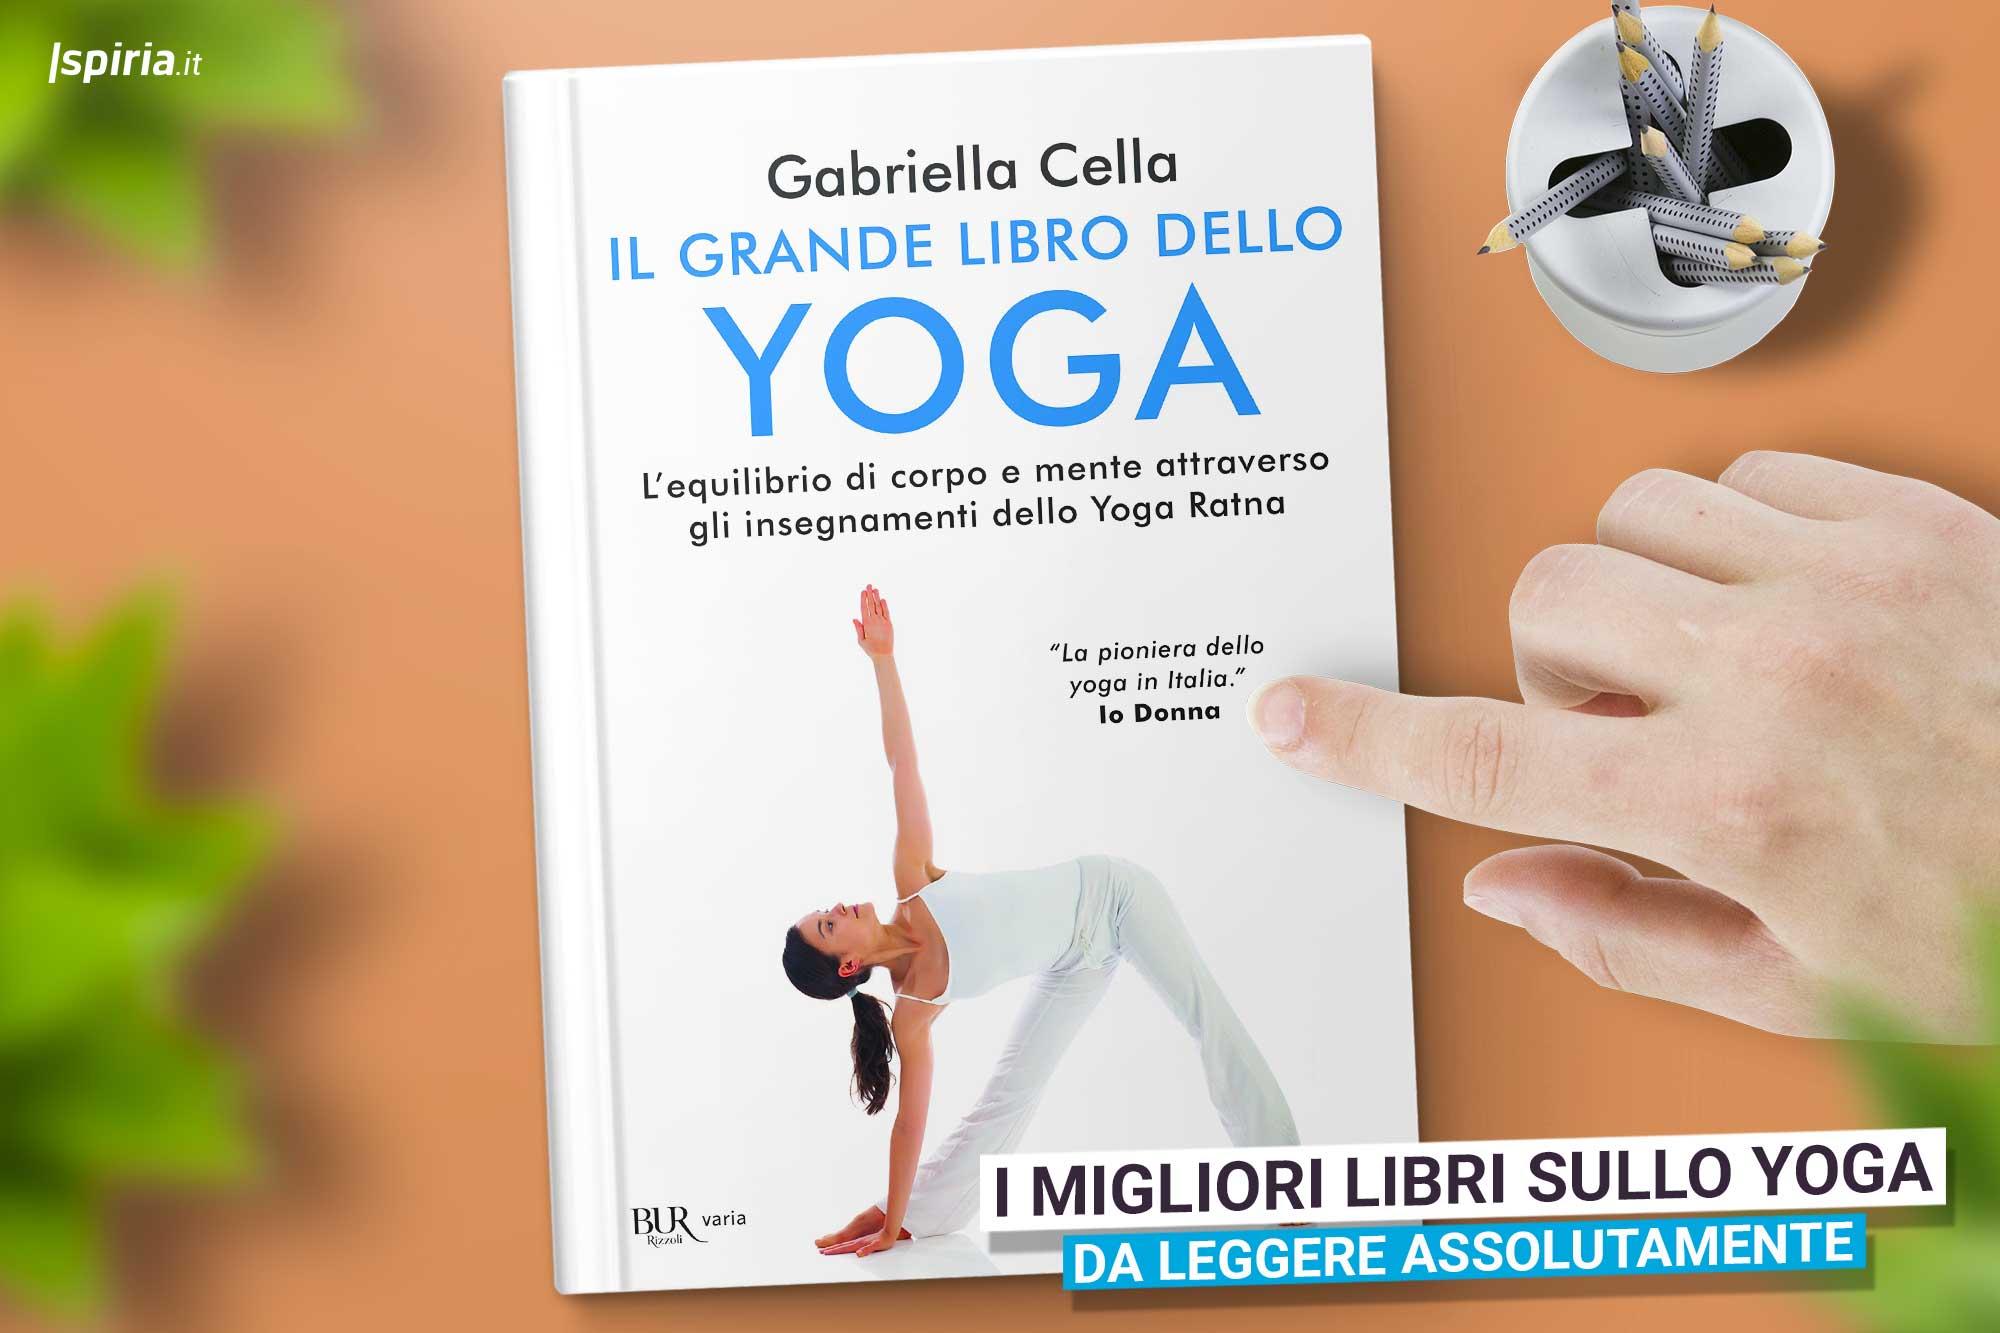 Migliori Libri Sullo Yoga + Libro Yoga Pdf Gratis